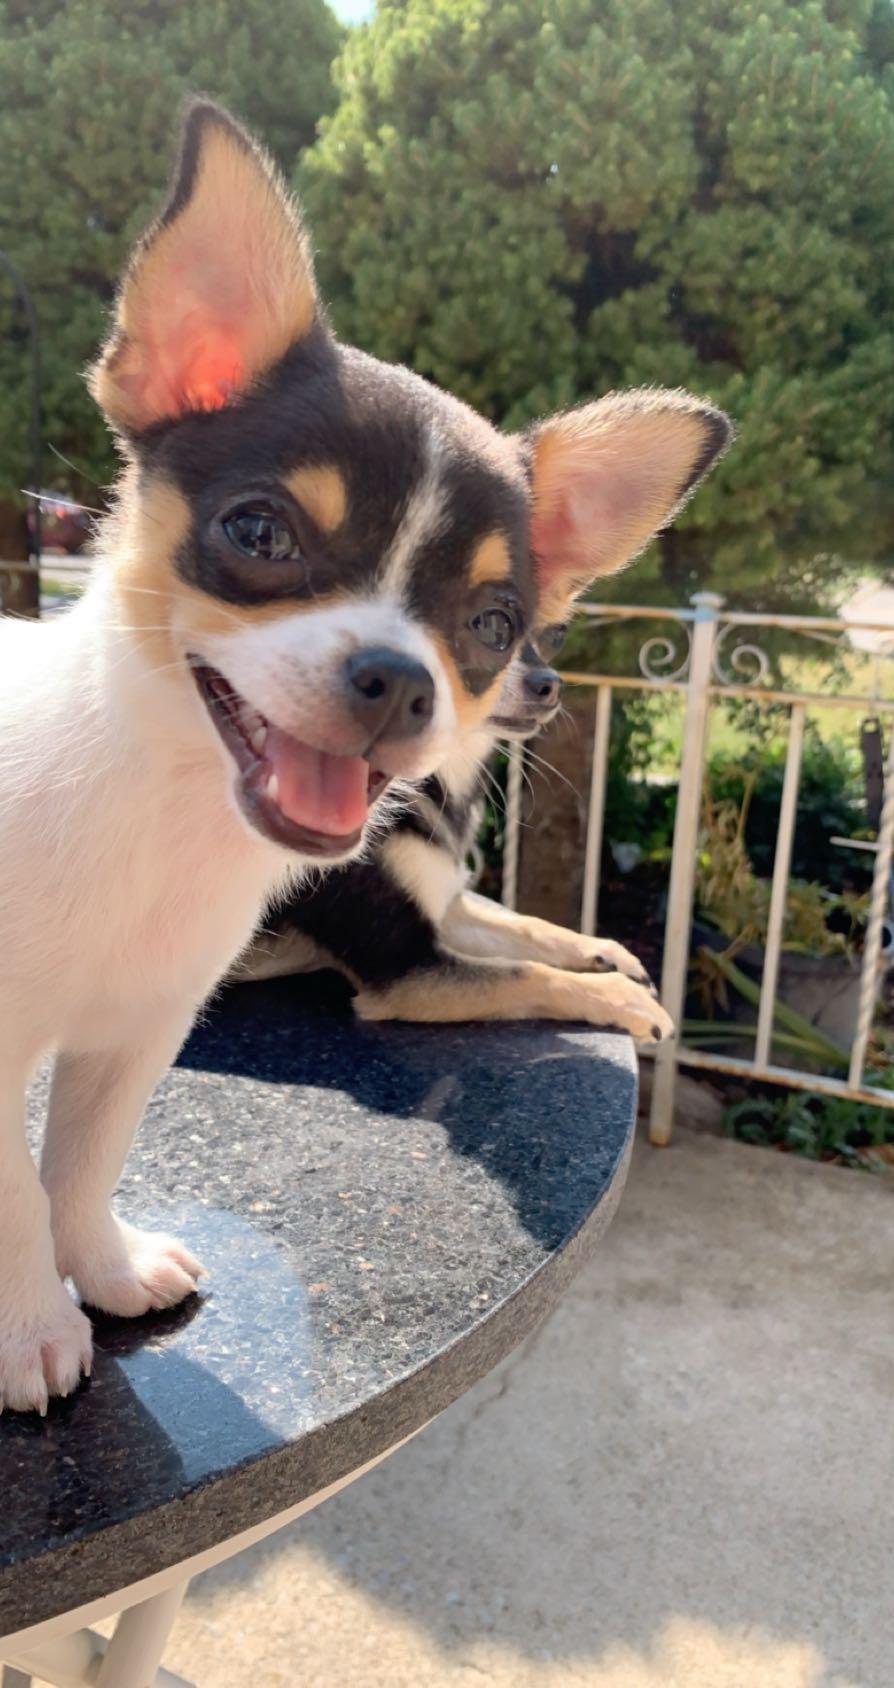 Chihuahua tobi